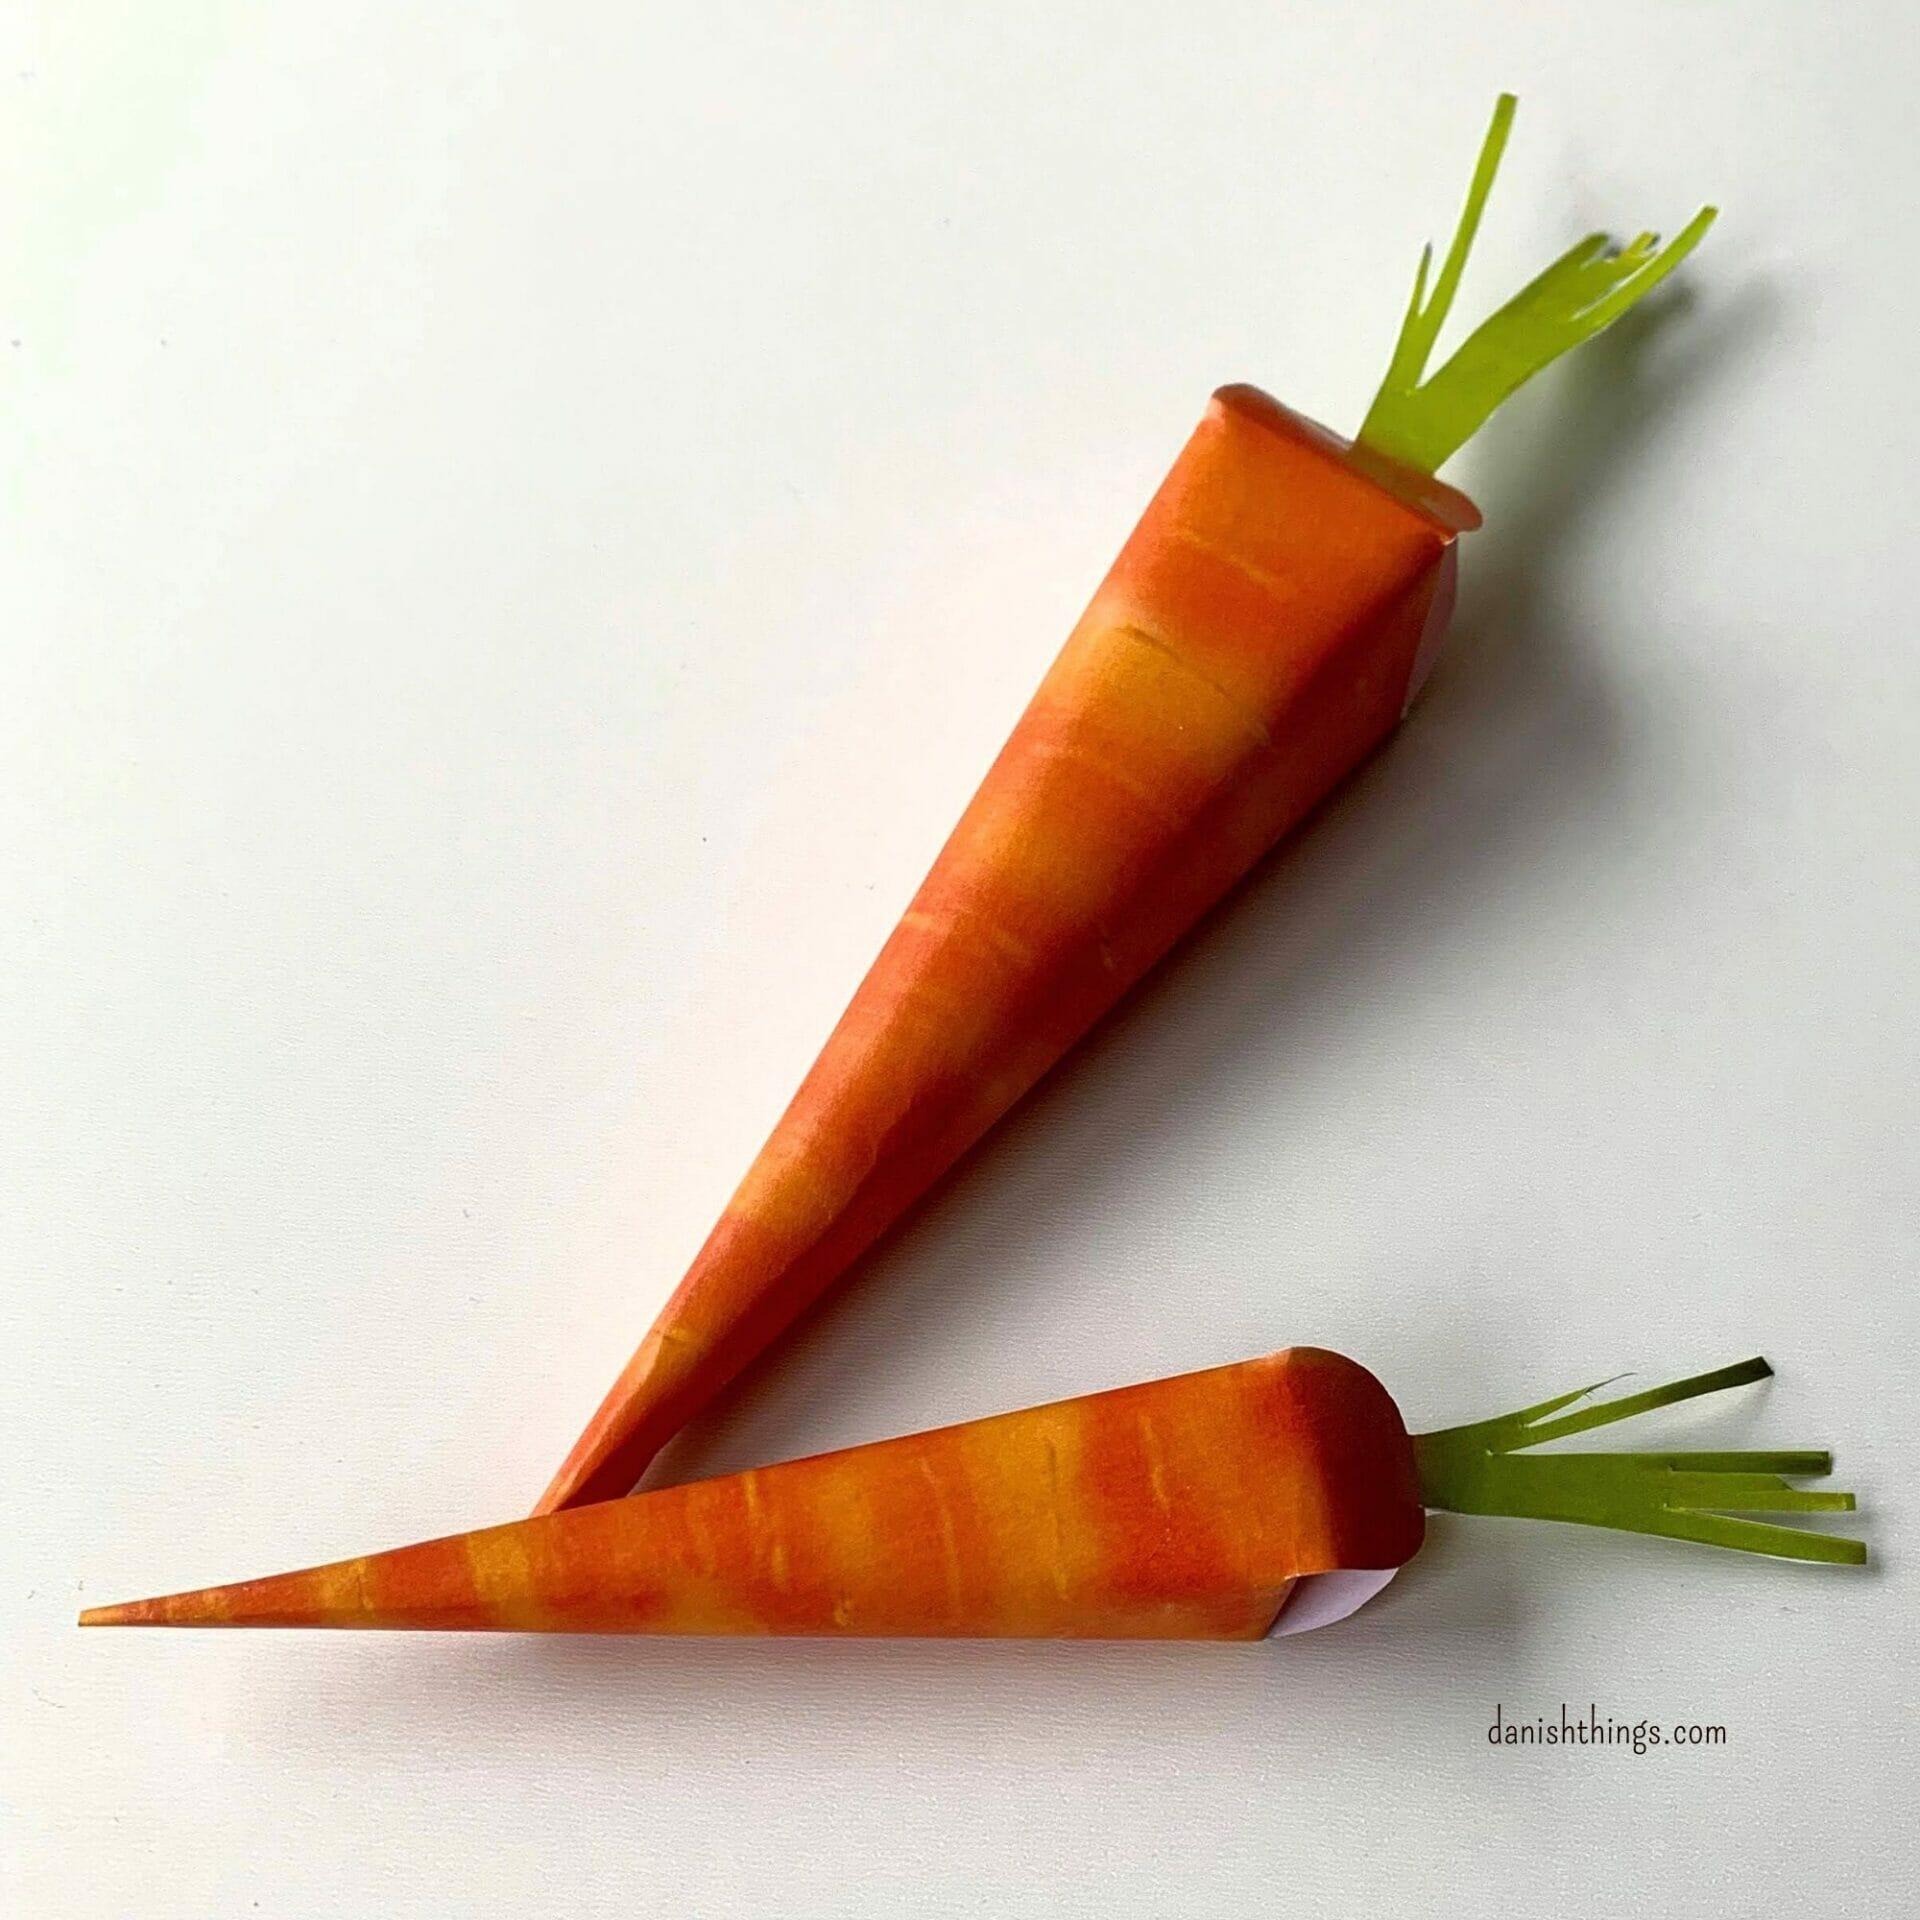 Gulerod af papir. Lav små eller store gulerødder af papir. Brug dem som dekoration på dit frokostbord, eller som en lille gaveæske - f.eks. som et anderledes påskeæg. Find opskrifter, gratis print og inspiration til årets gang på danishthings.com #DanishThings #gulerod #gulerødder #papir #æske #lavselv #gratis #print #gave #dekoration #påske #påskefrokost #påskeæg #forår #sommer #høstfest #efterår